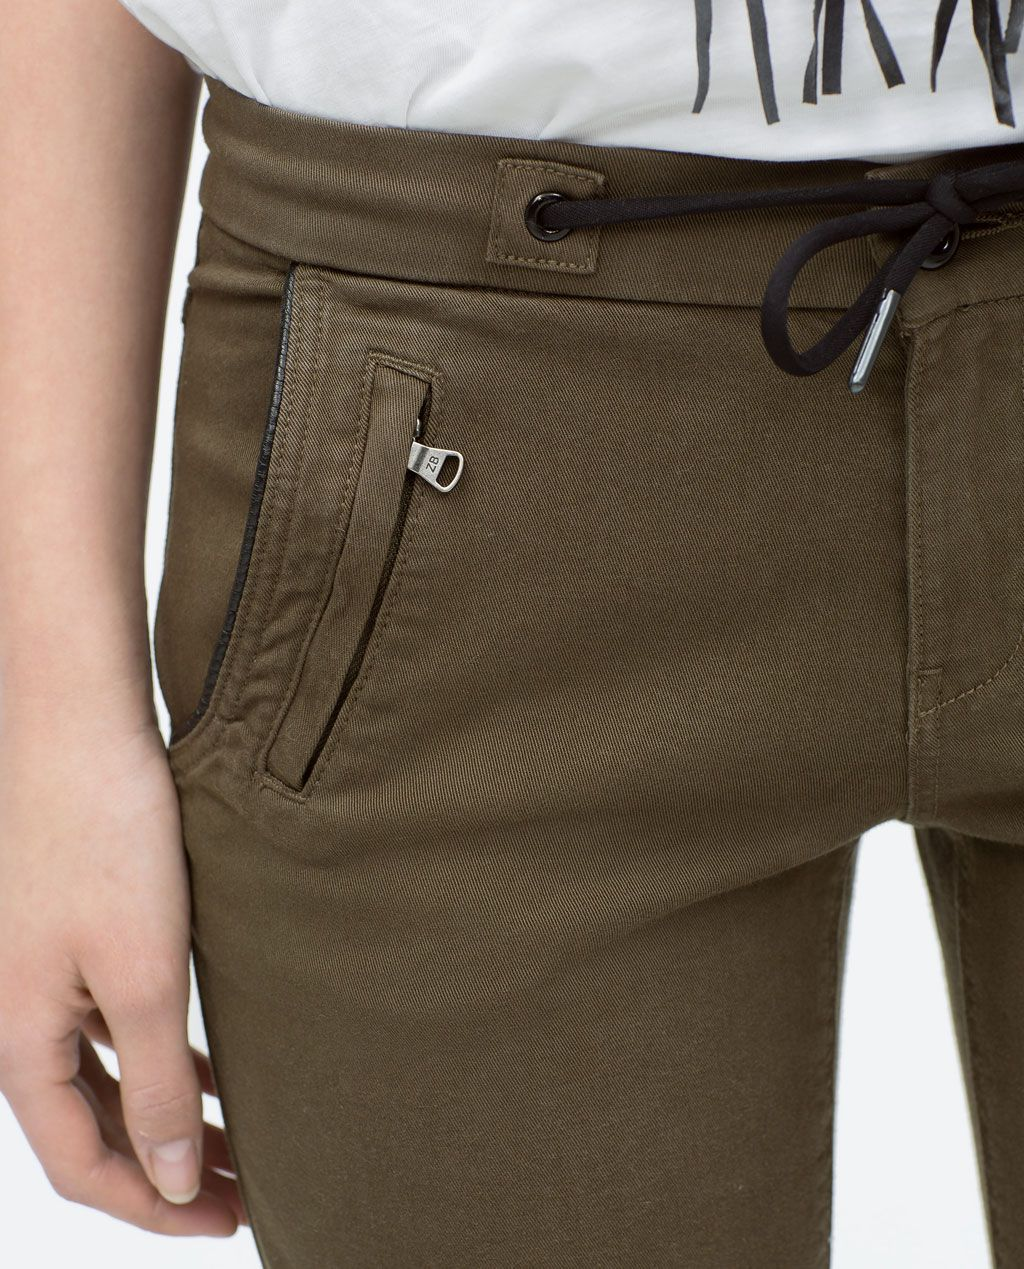 Pantalón 6 Polipiel Zara Cargo Imagen Pants Vivo De Contraste fwEnqv